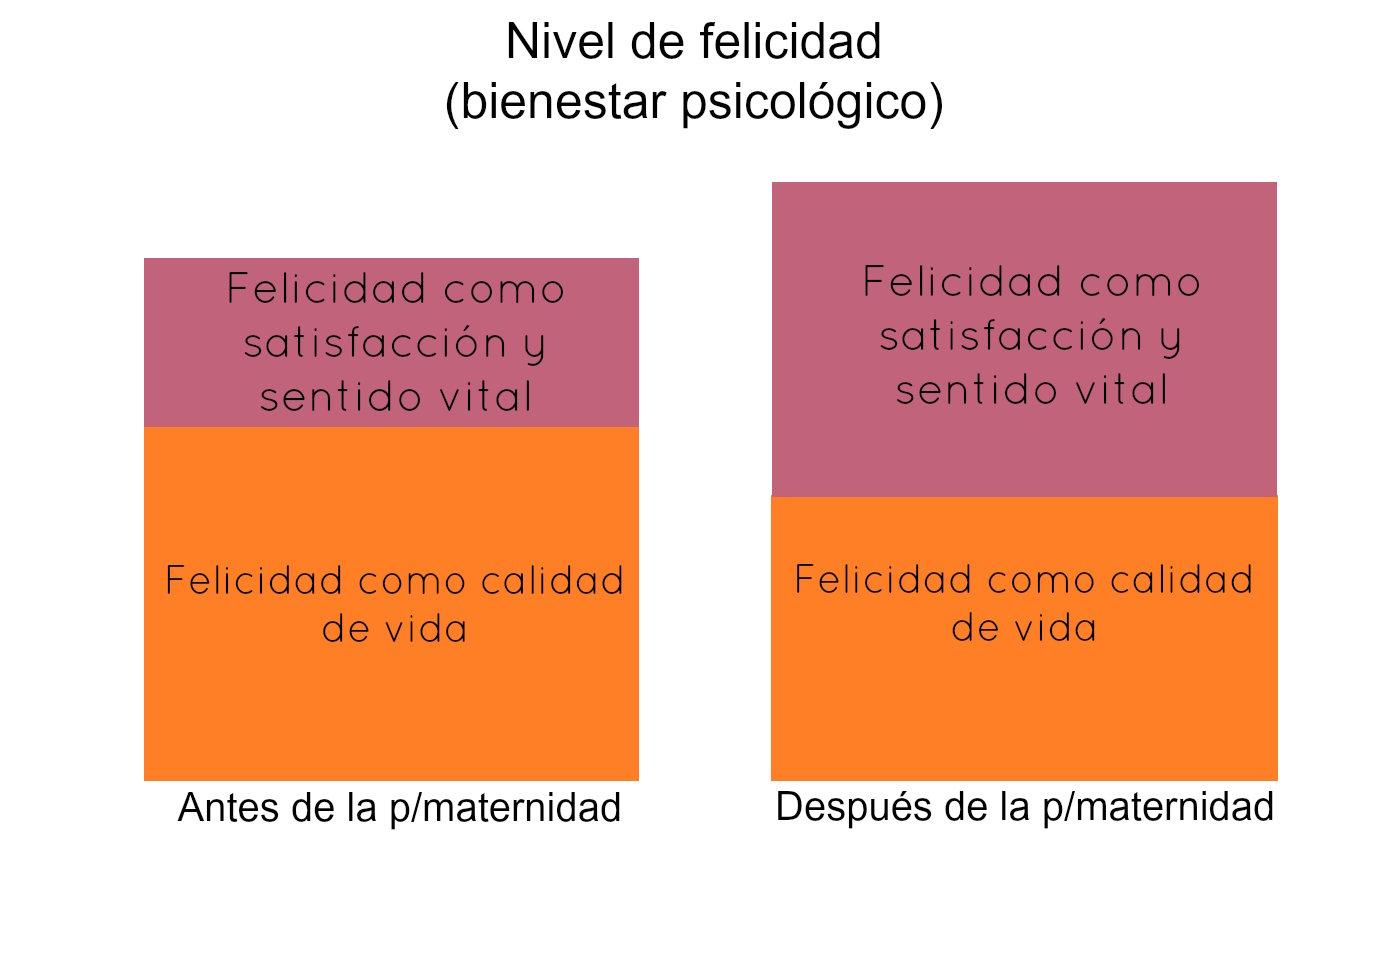 Felicidad antes después maternidad calidad de vida